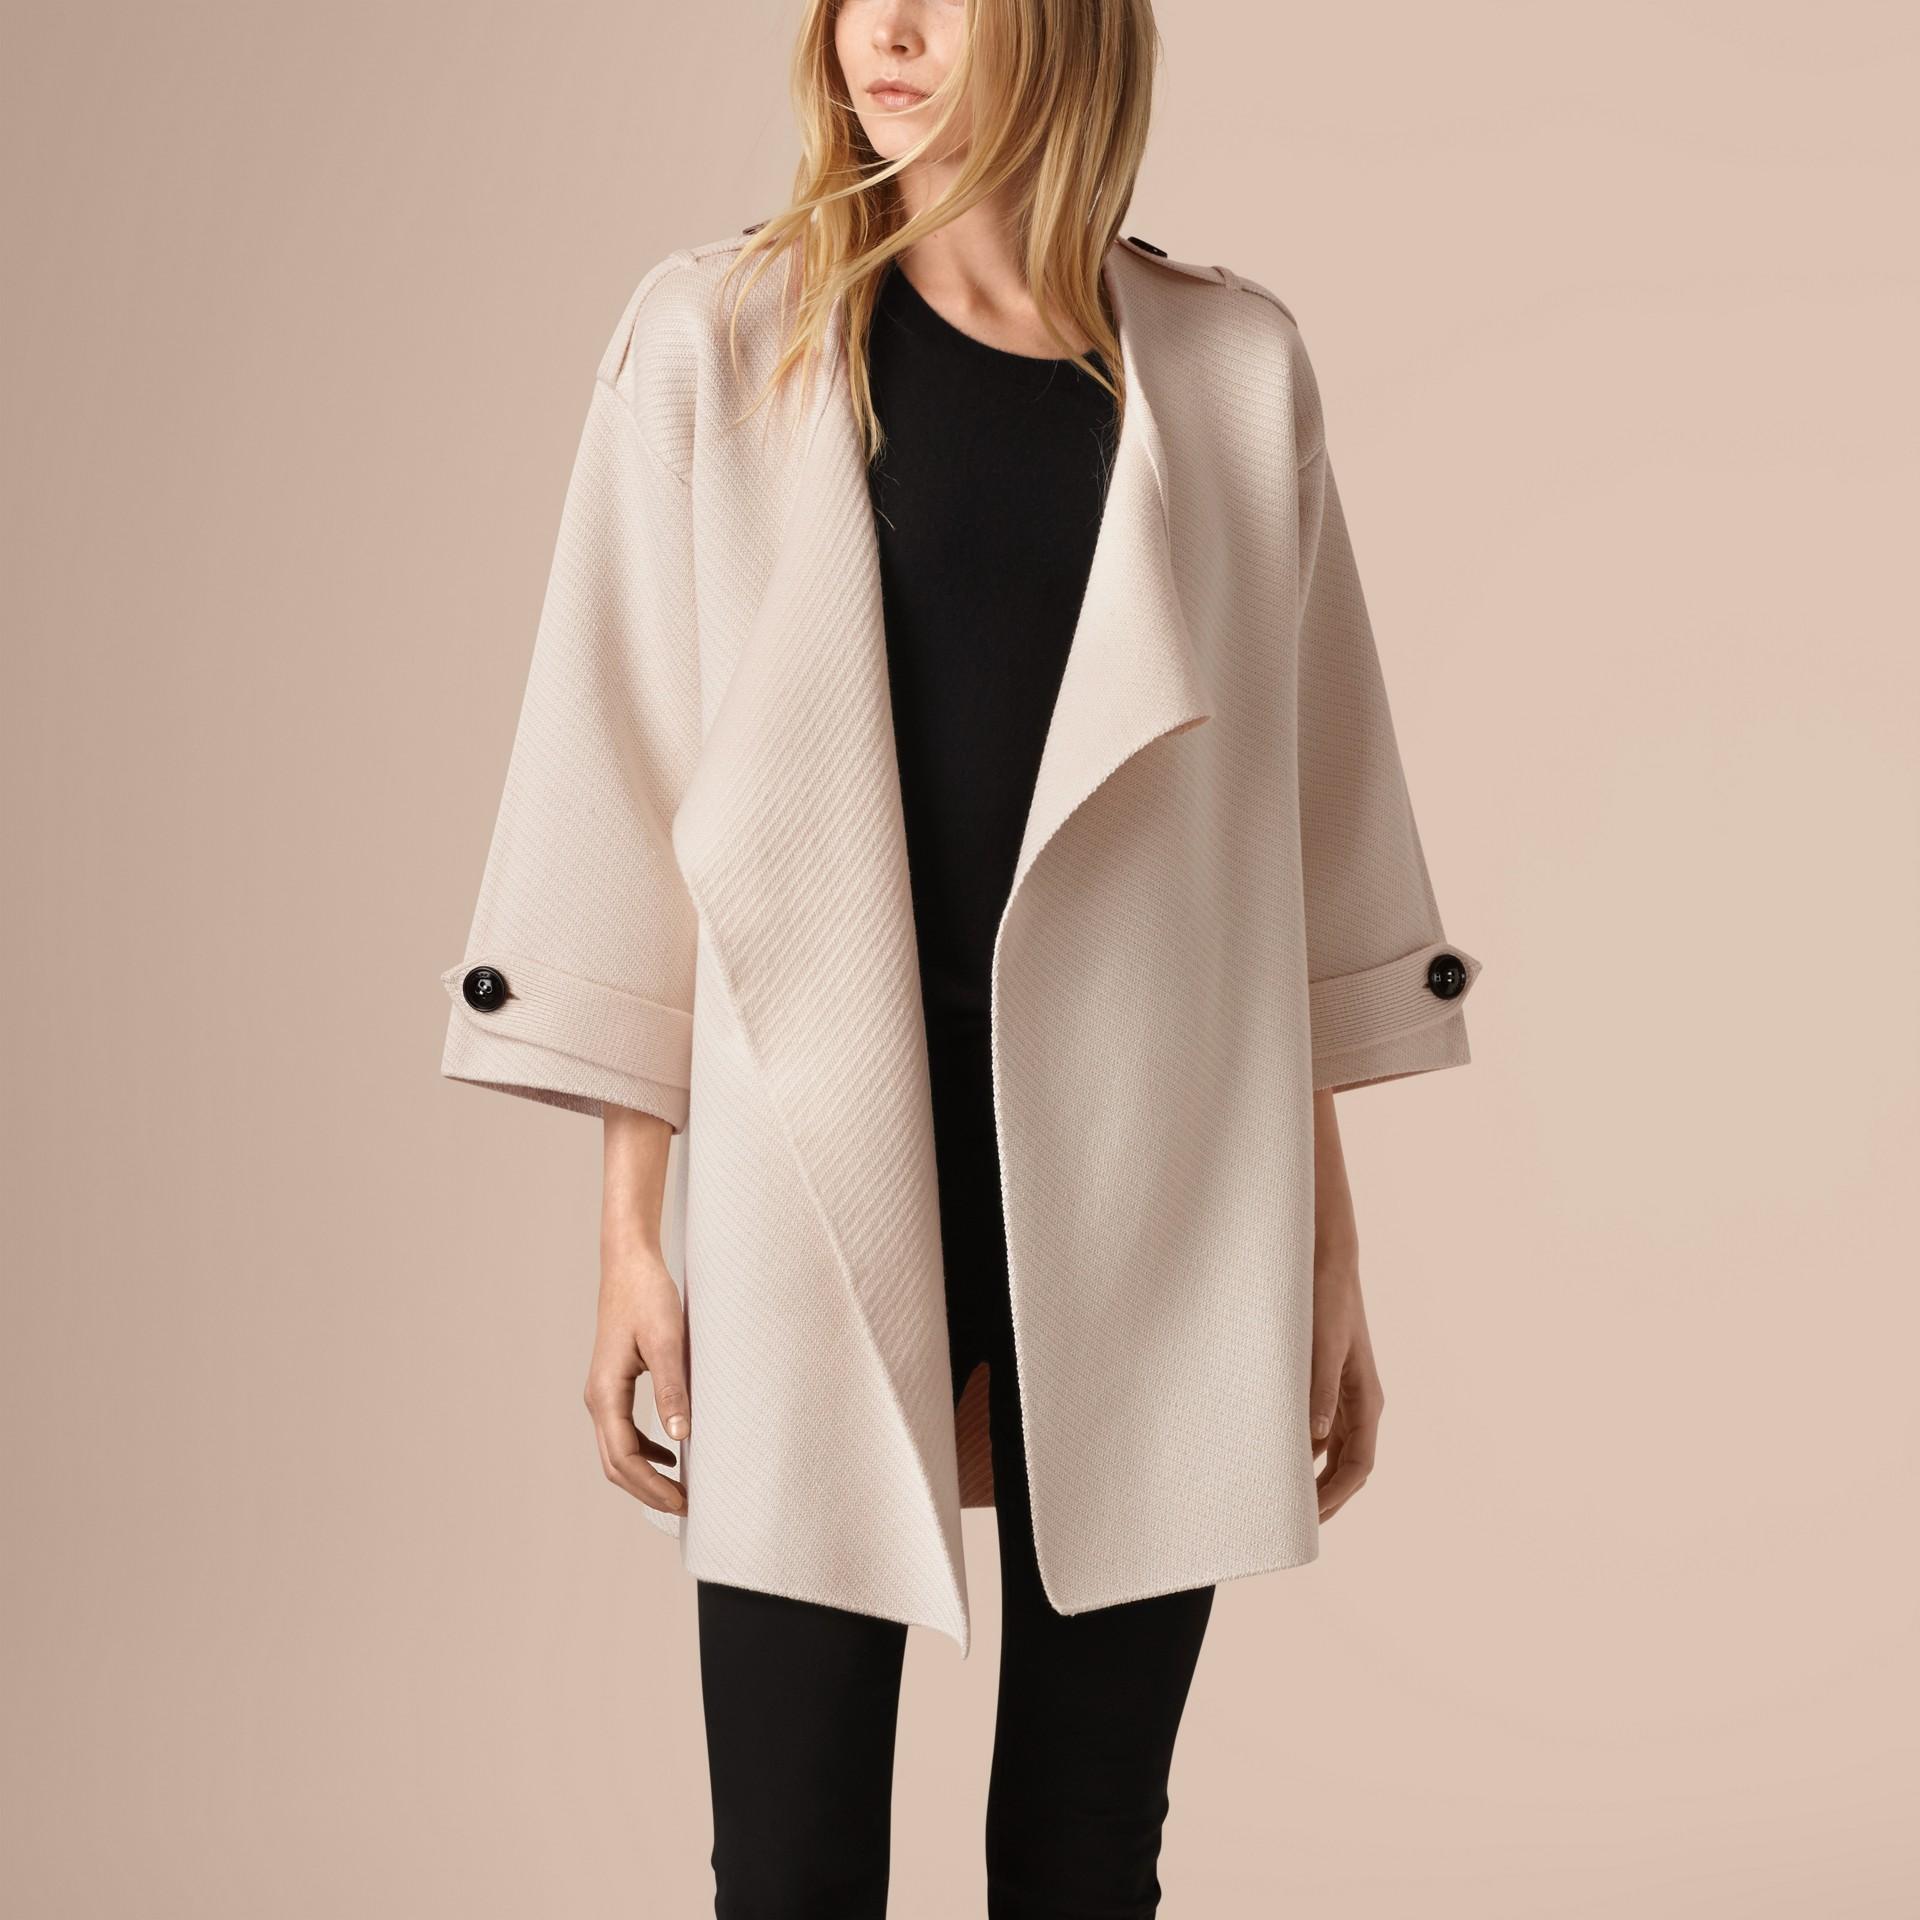 Bianco naturale Giacca in misto seta, lana e cashmere lavorato a maglia - immagine della galleria 4